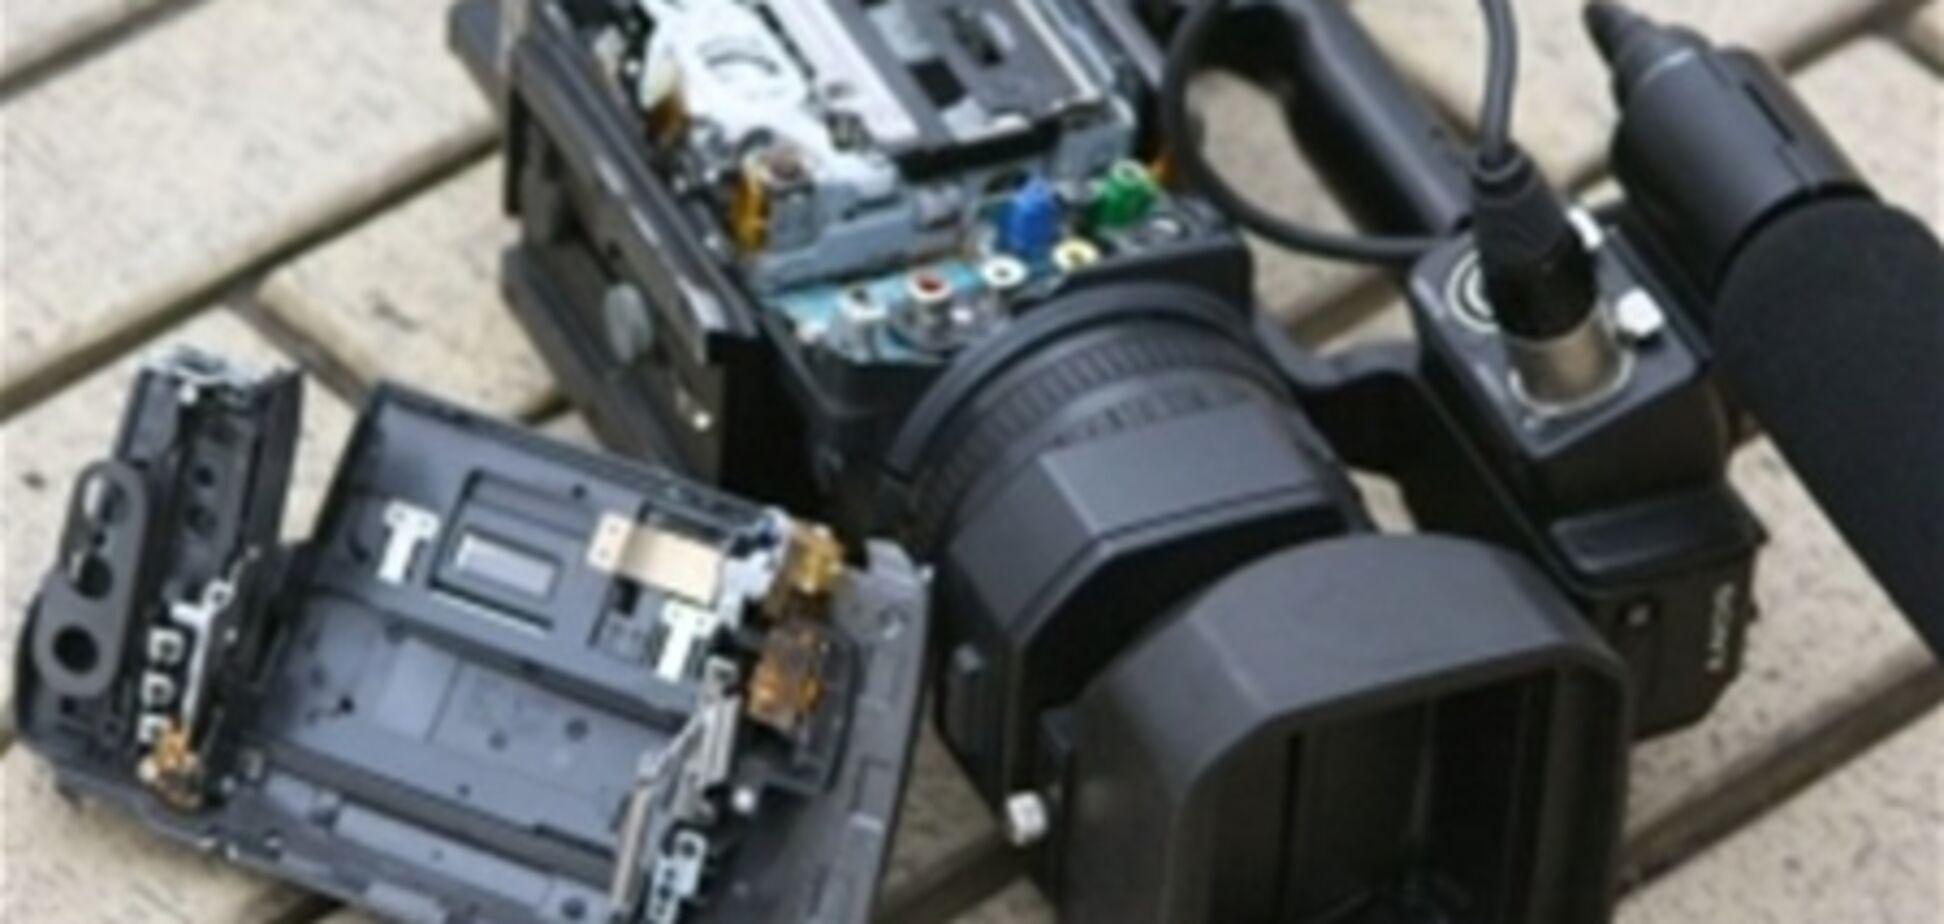 В Днепропетровске один из начальников автовокзала разбил камеру журналистам